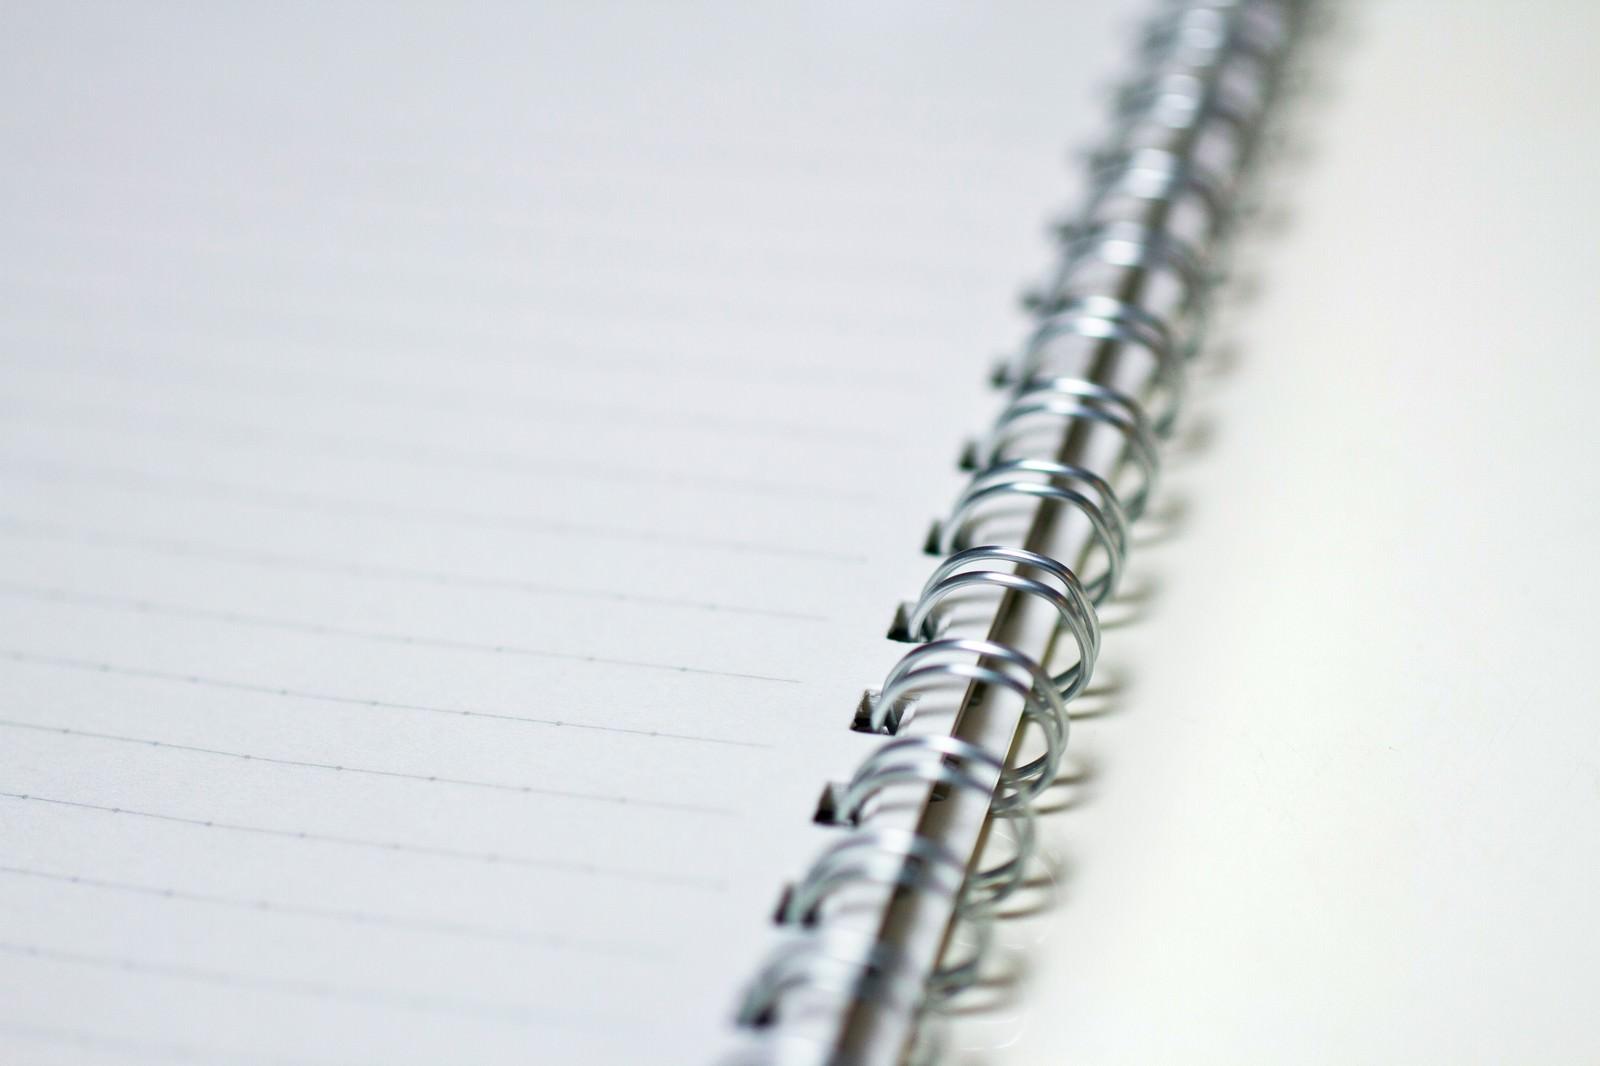 「メモに使うリングノートメモに使うリングノート」のフリー写真素材を拡大